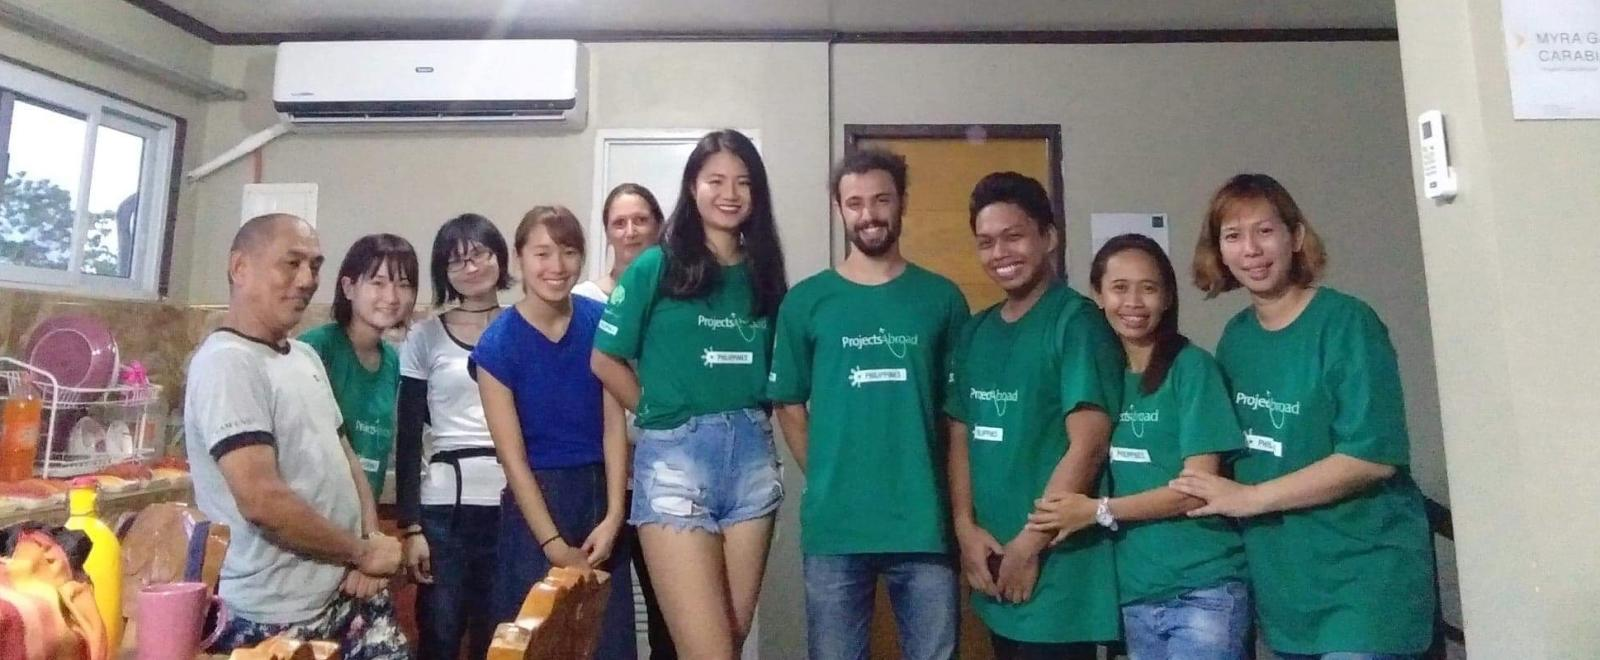 フィリピンで教育ボランティア中の松井亜里香さんと仲間たち